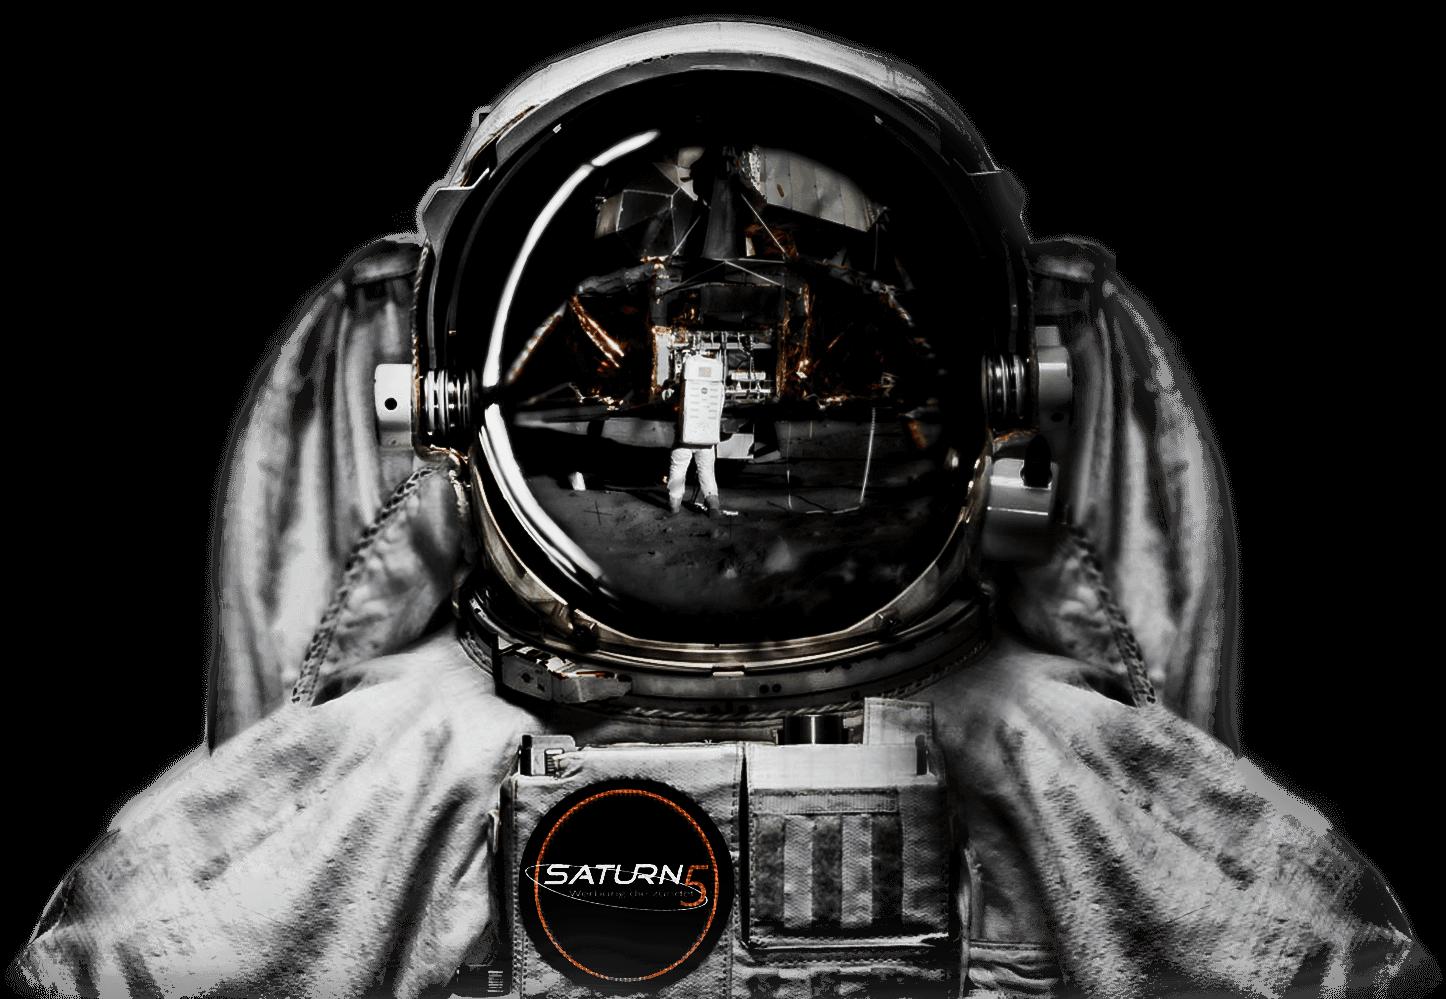 Astronaut-der-Saturn5-werbeagentur